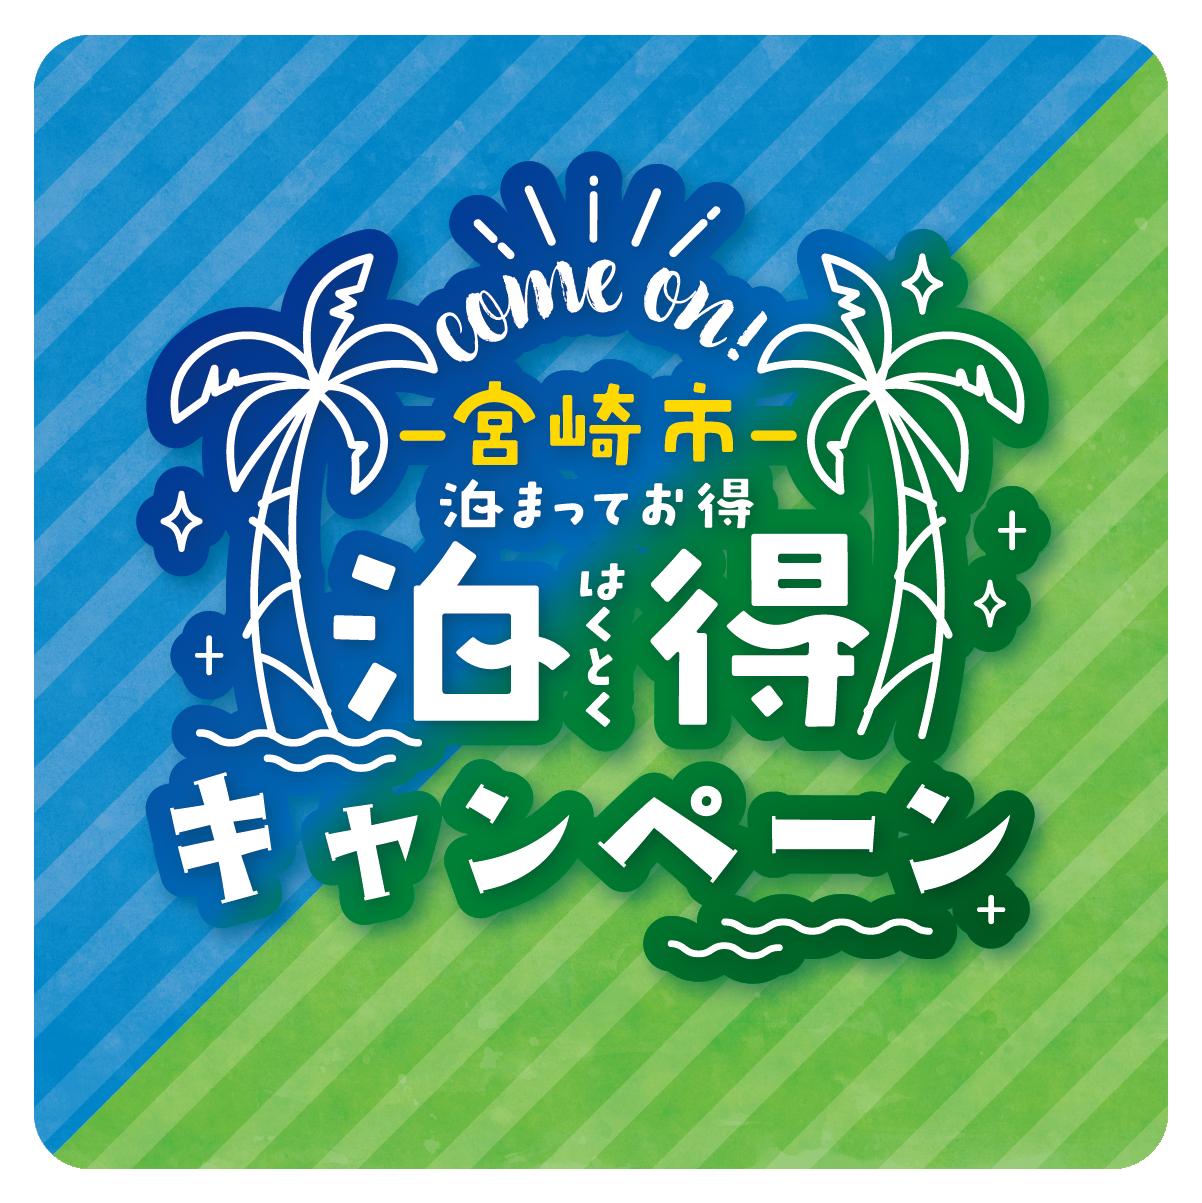 【泊得CP】植松エネルギー(株)ベアーズ清武給油所-1